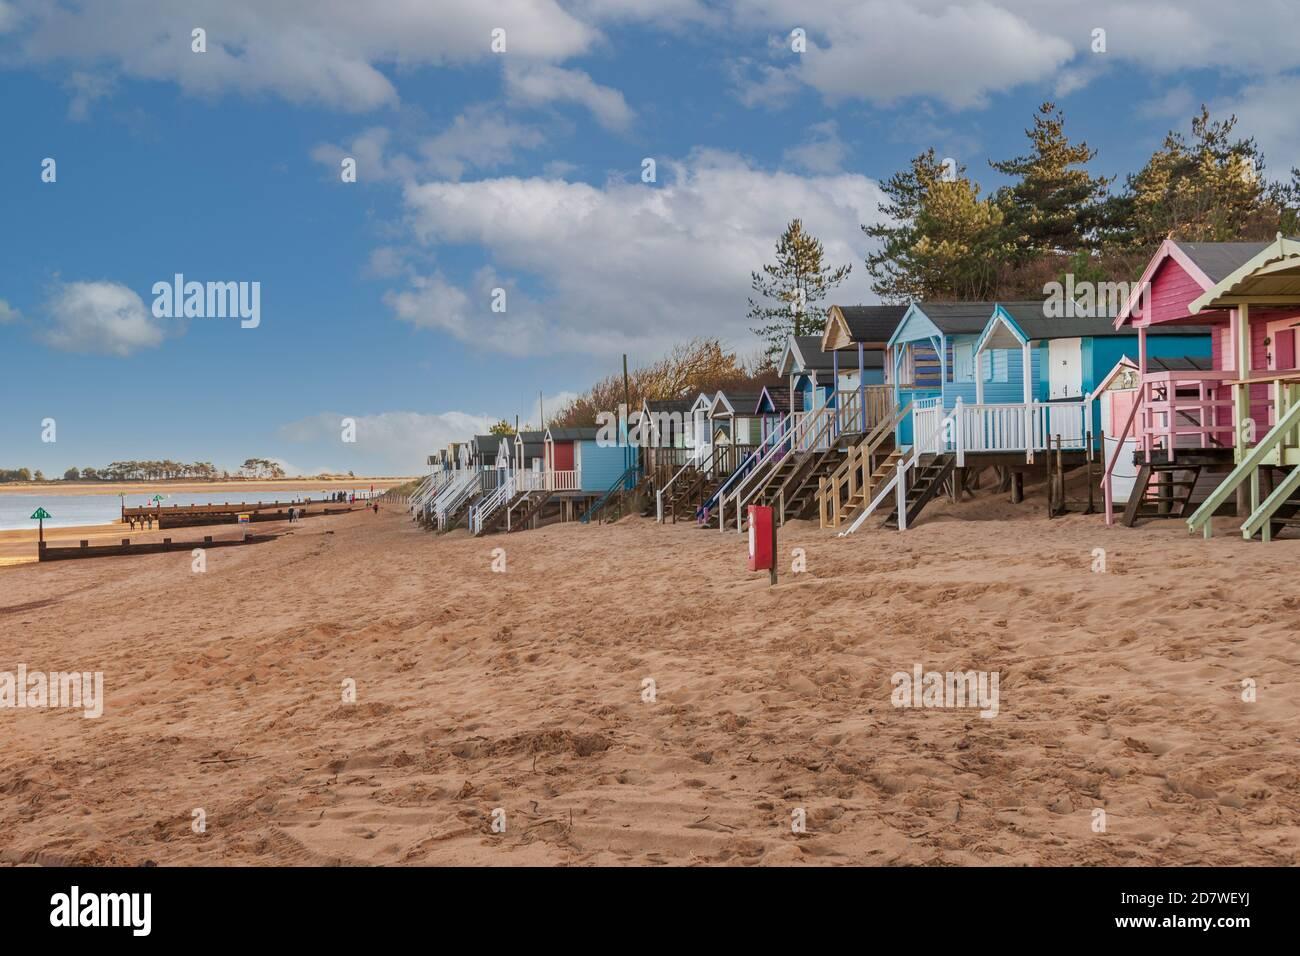 Se trouve à côté des cabanes de plage sur la côte nord de Norfolk en Angleterre. Banque D'Images